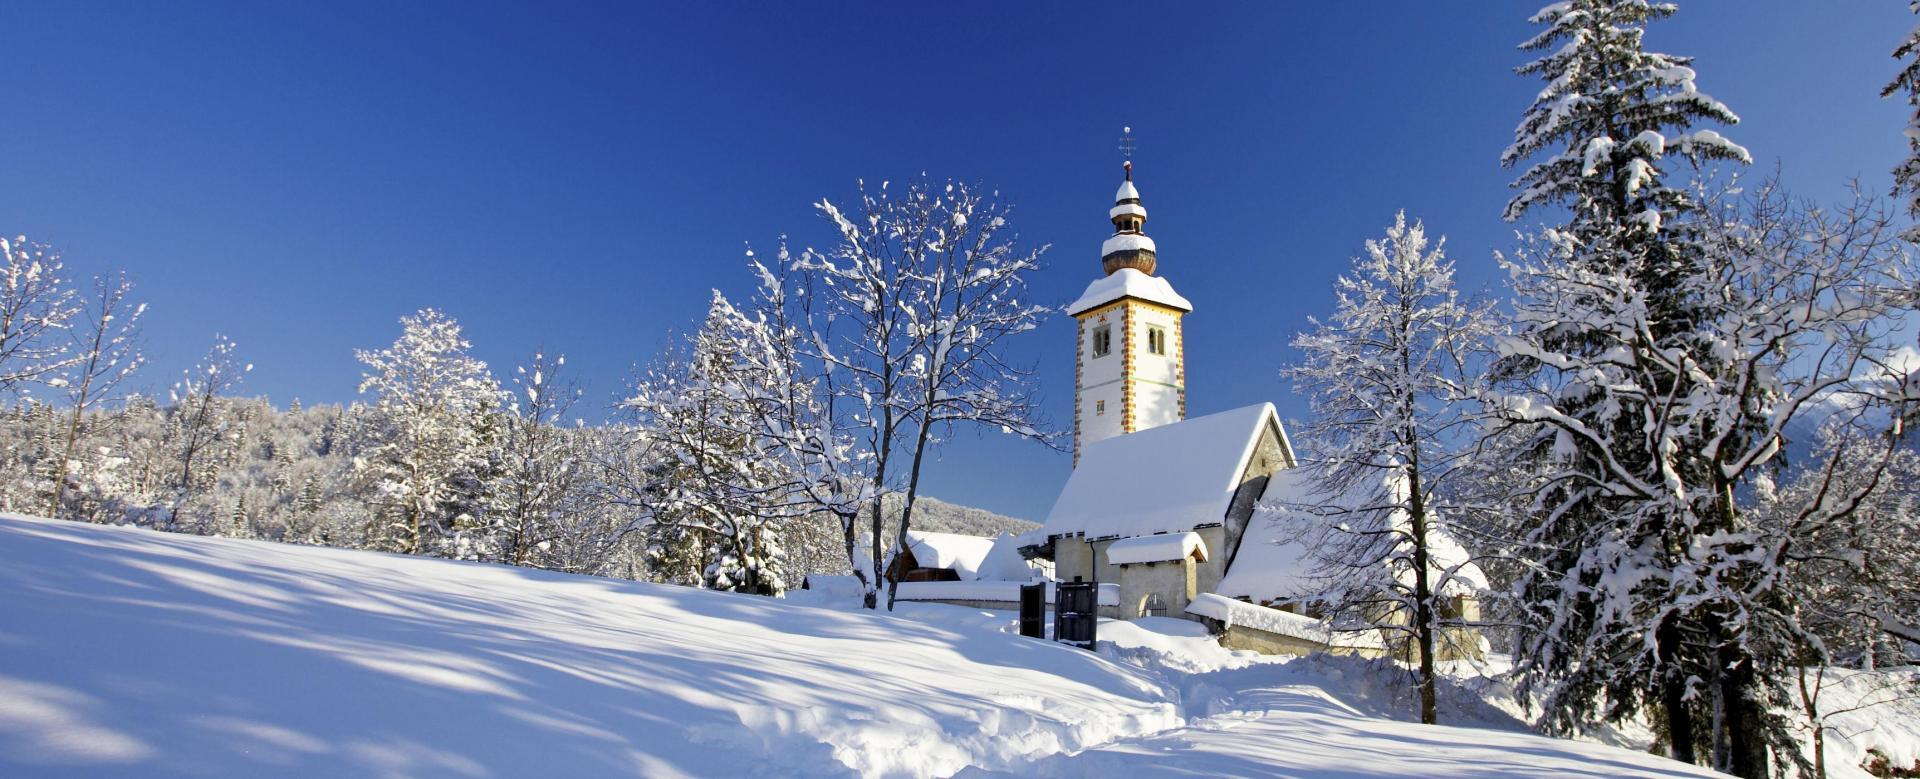 Voyage à la neige : Le triglav sous la neige